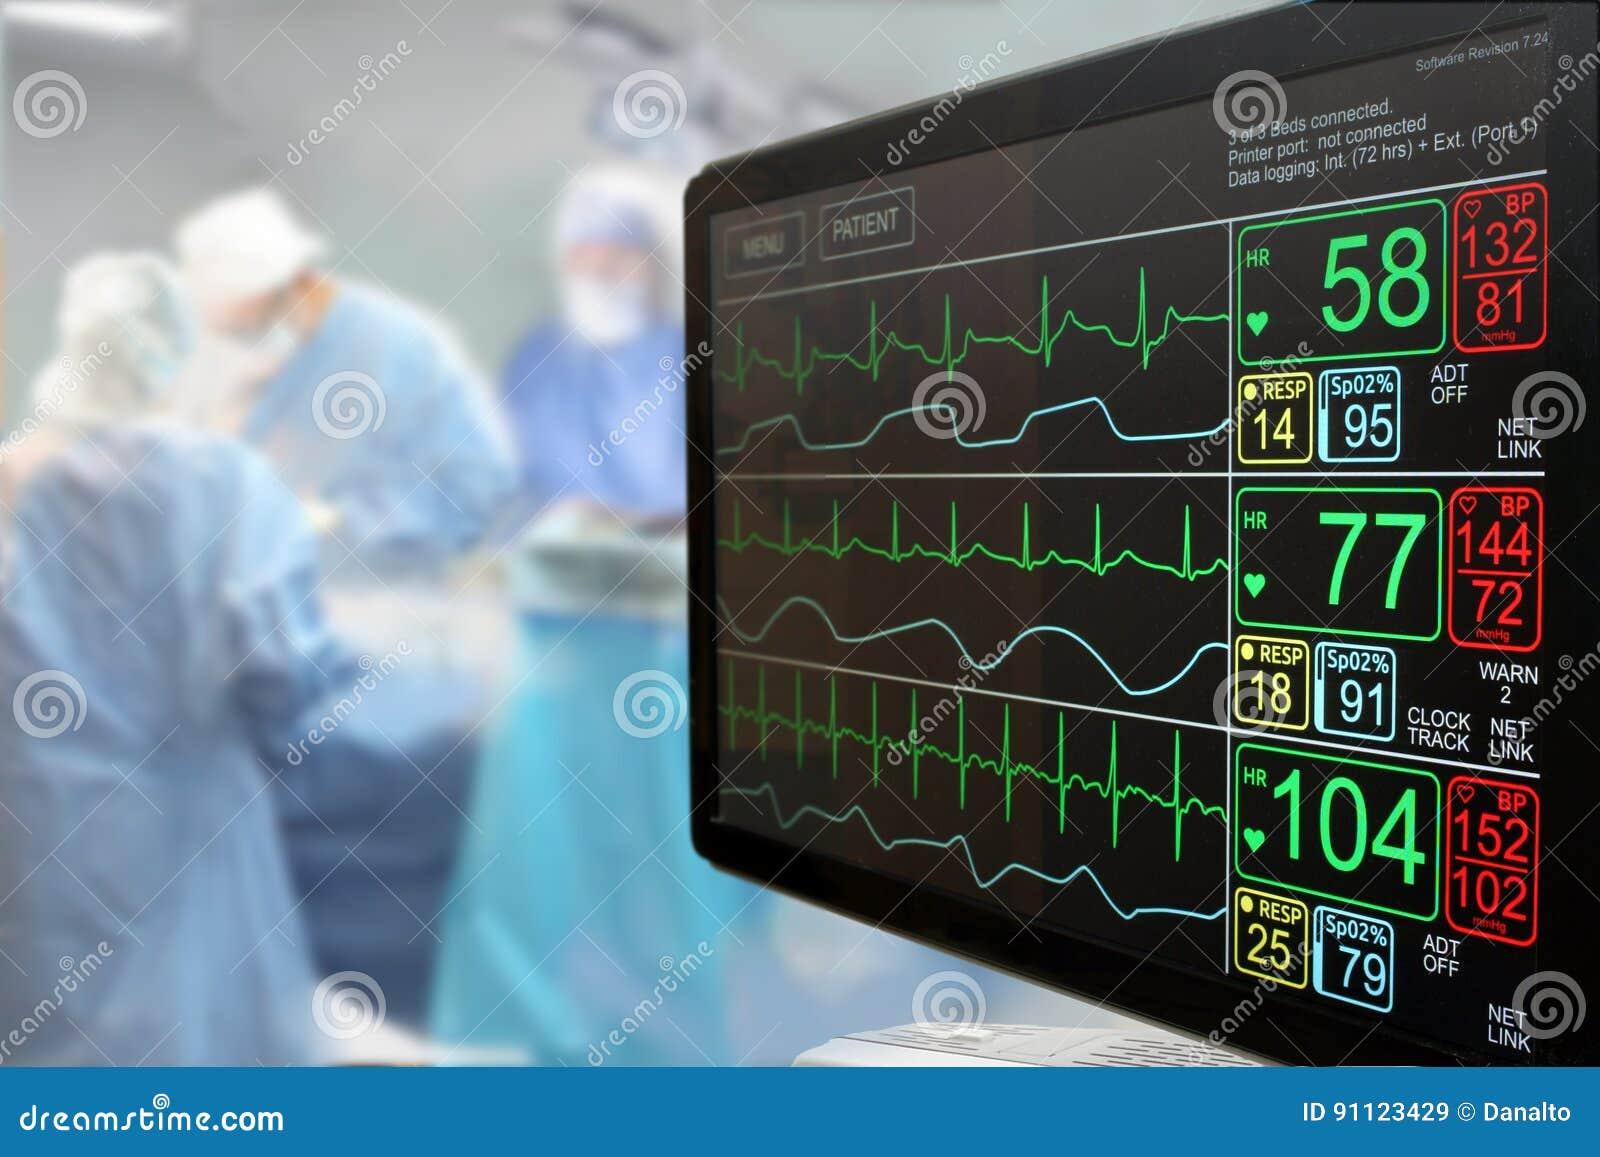 Monitor LCD de la Unidad de Cuidados Intensivos ICU